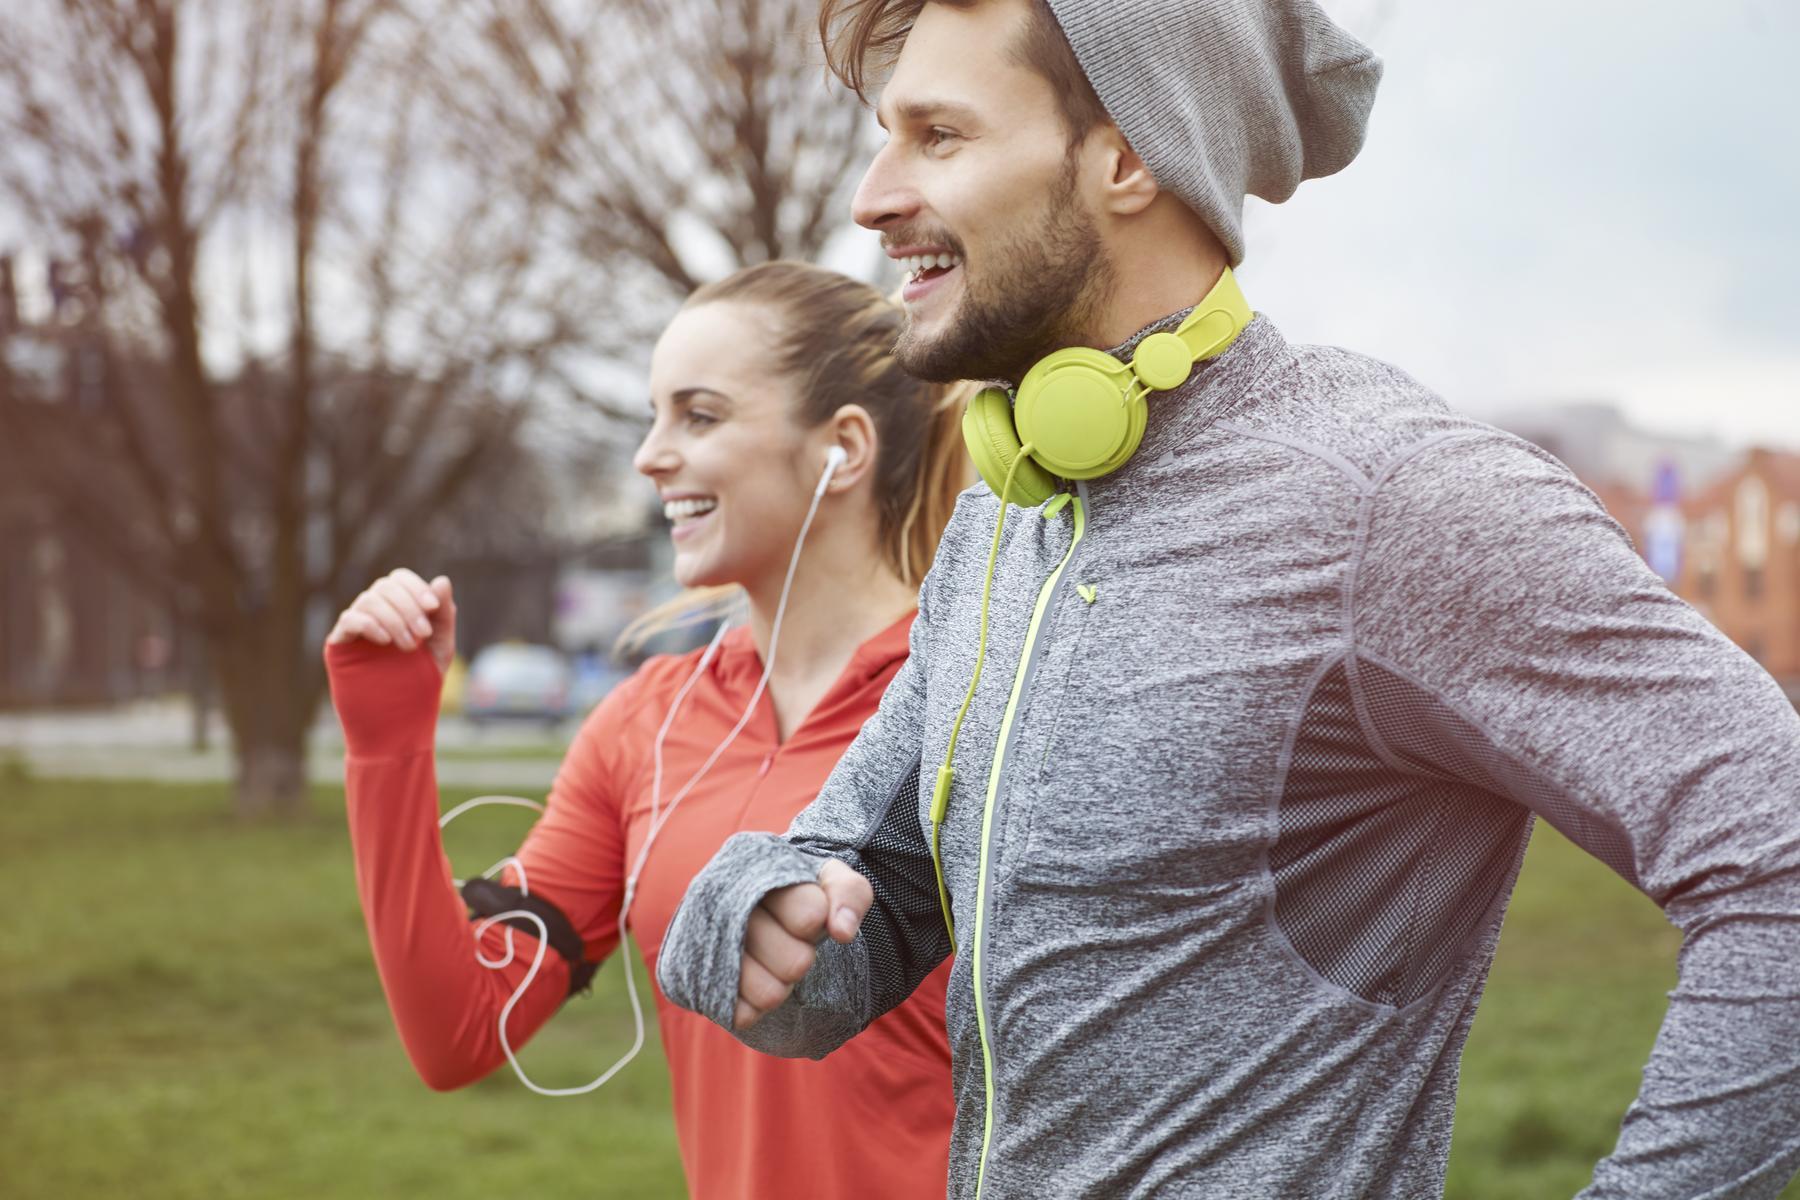 Endorfinas y ejercicio | Mejora tu bienestar gracias al ejercicio